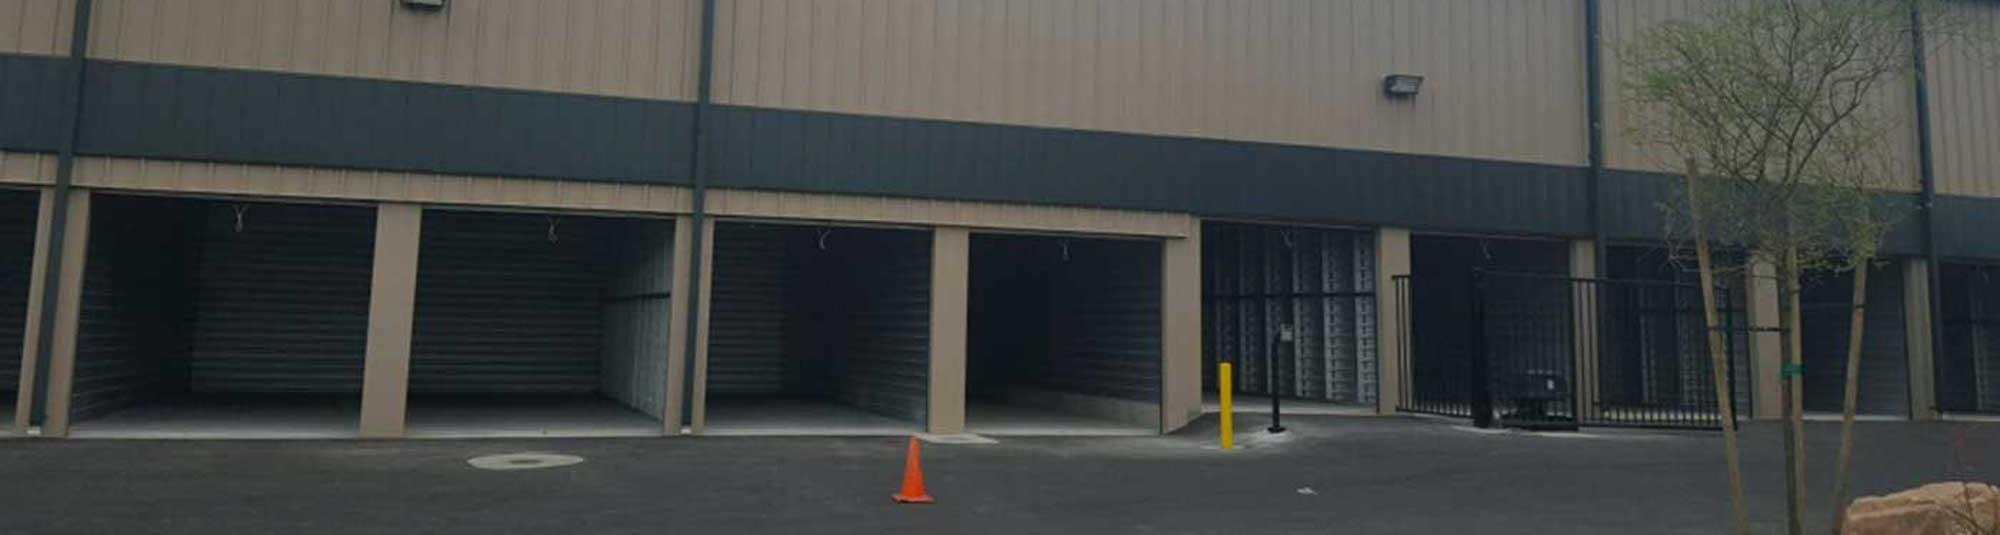 Storage units at Towne Storage in Las Vegas, NV